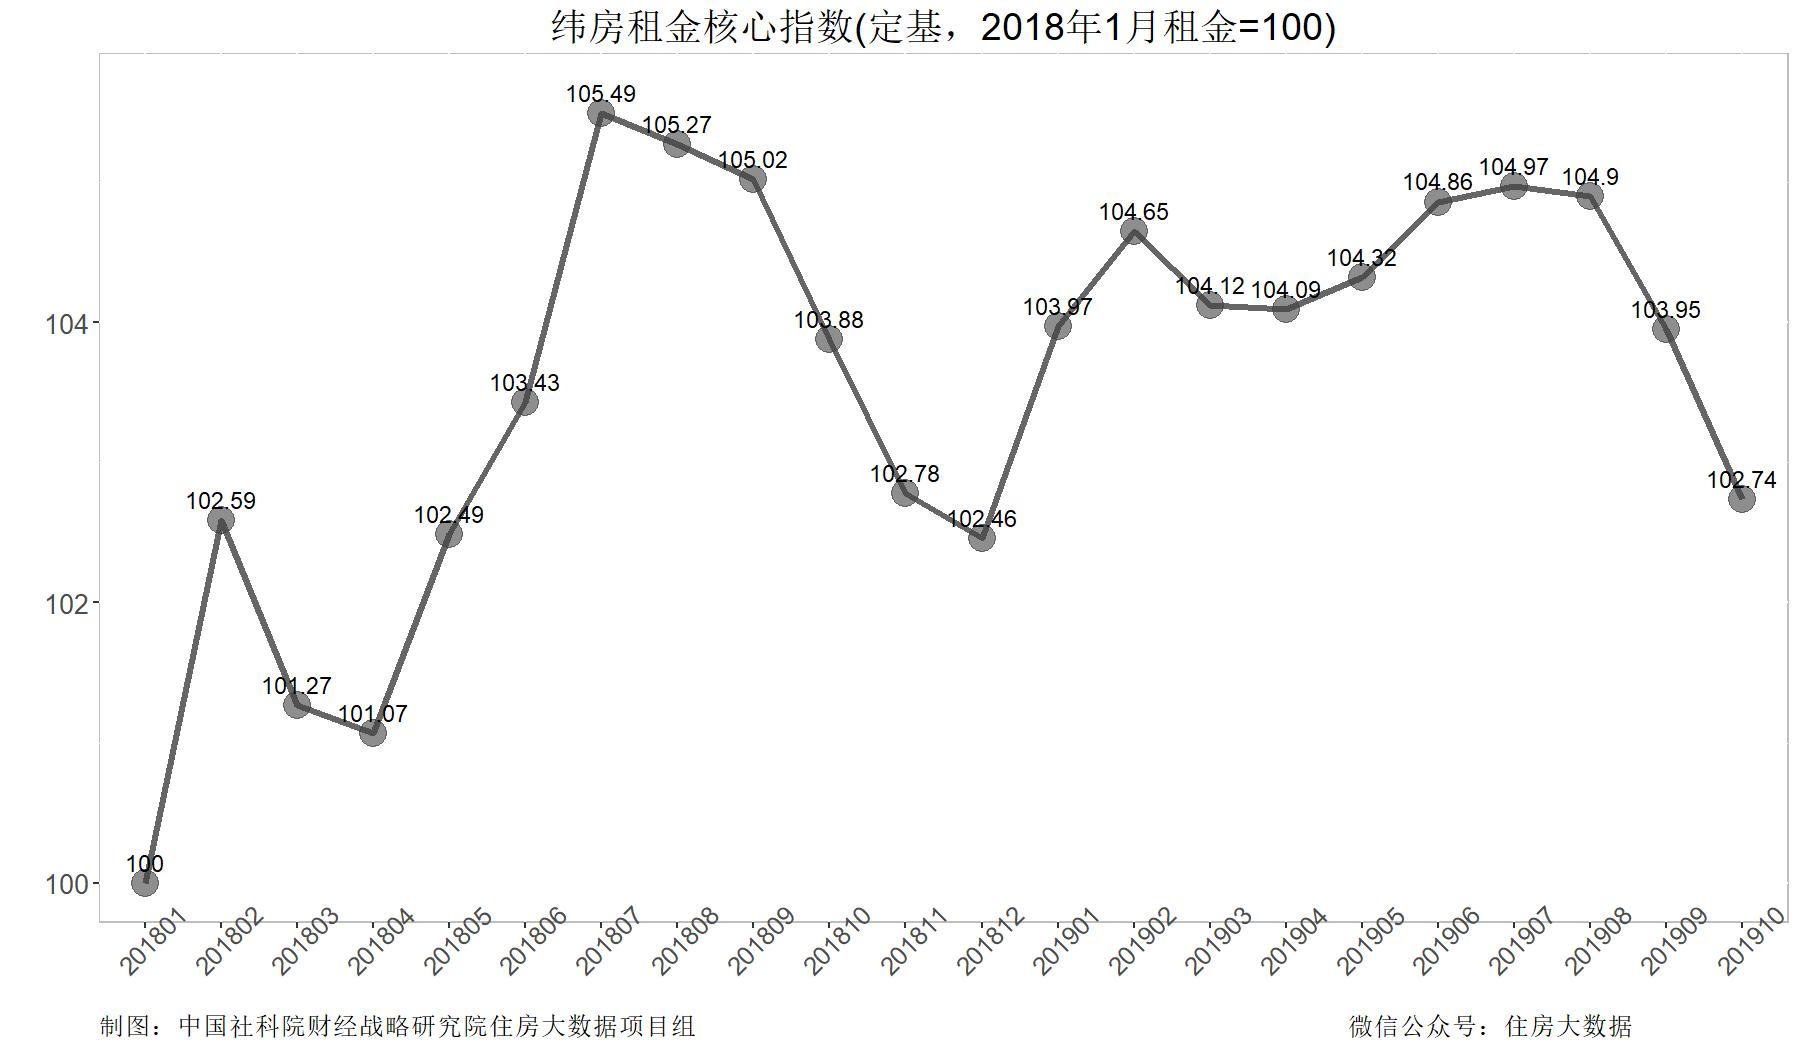 社科院:2019年核心城市住房租金下跌 租房市场景气度下降-中国网地产